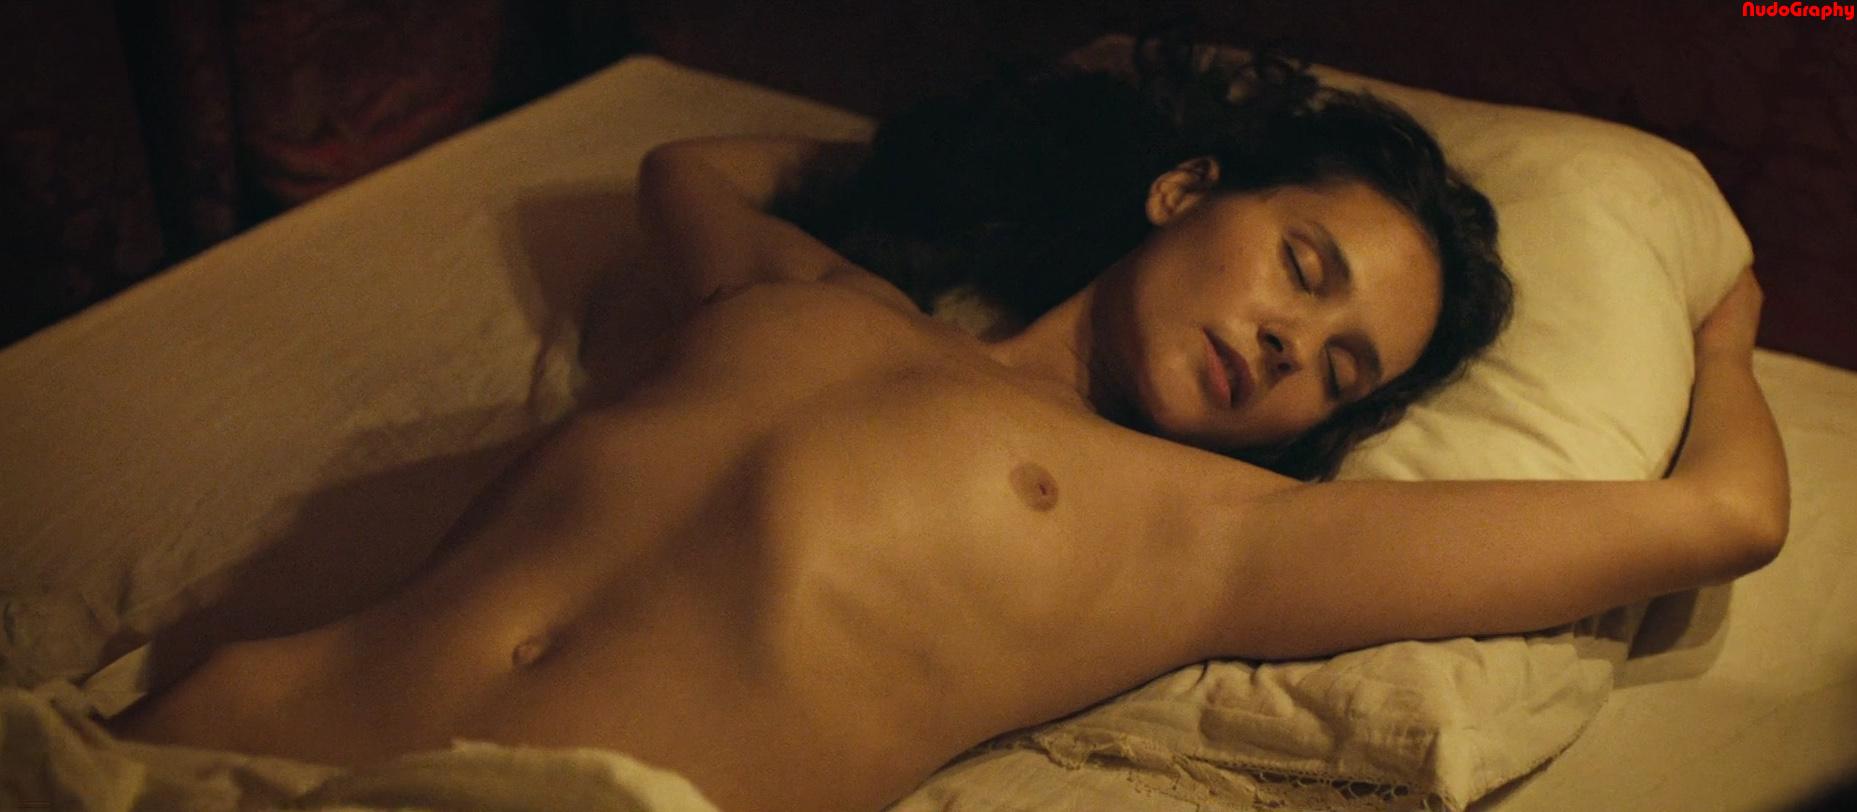 Nude photos of nude